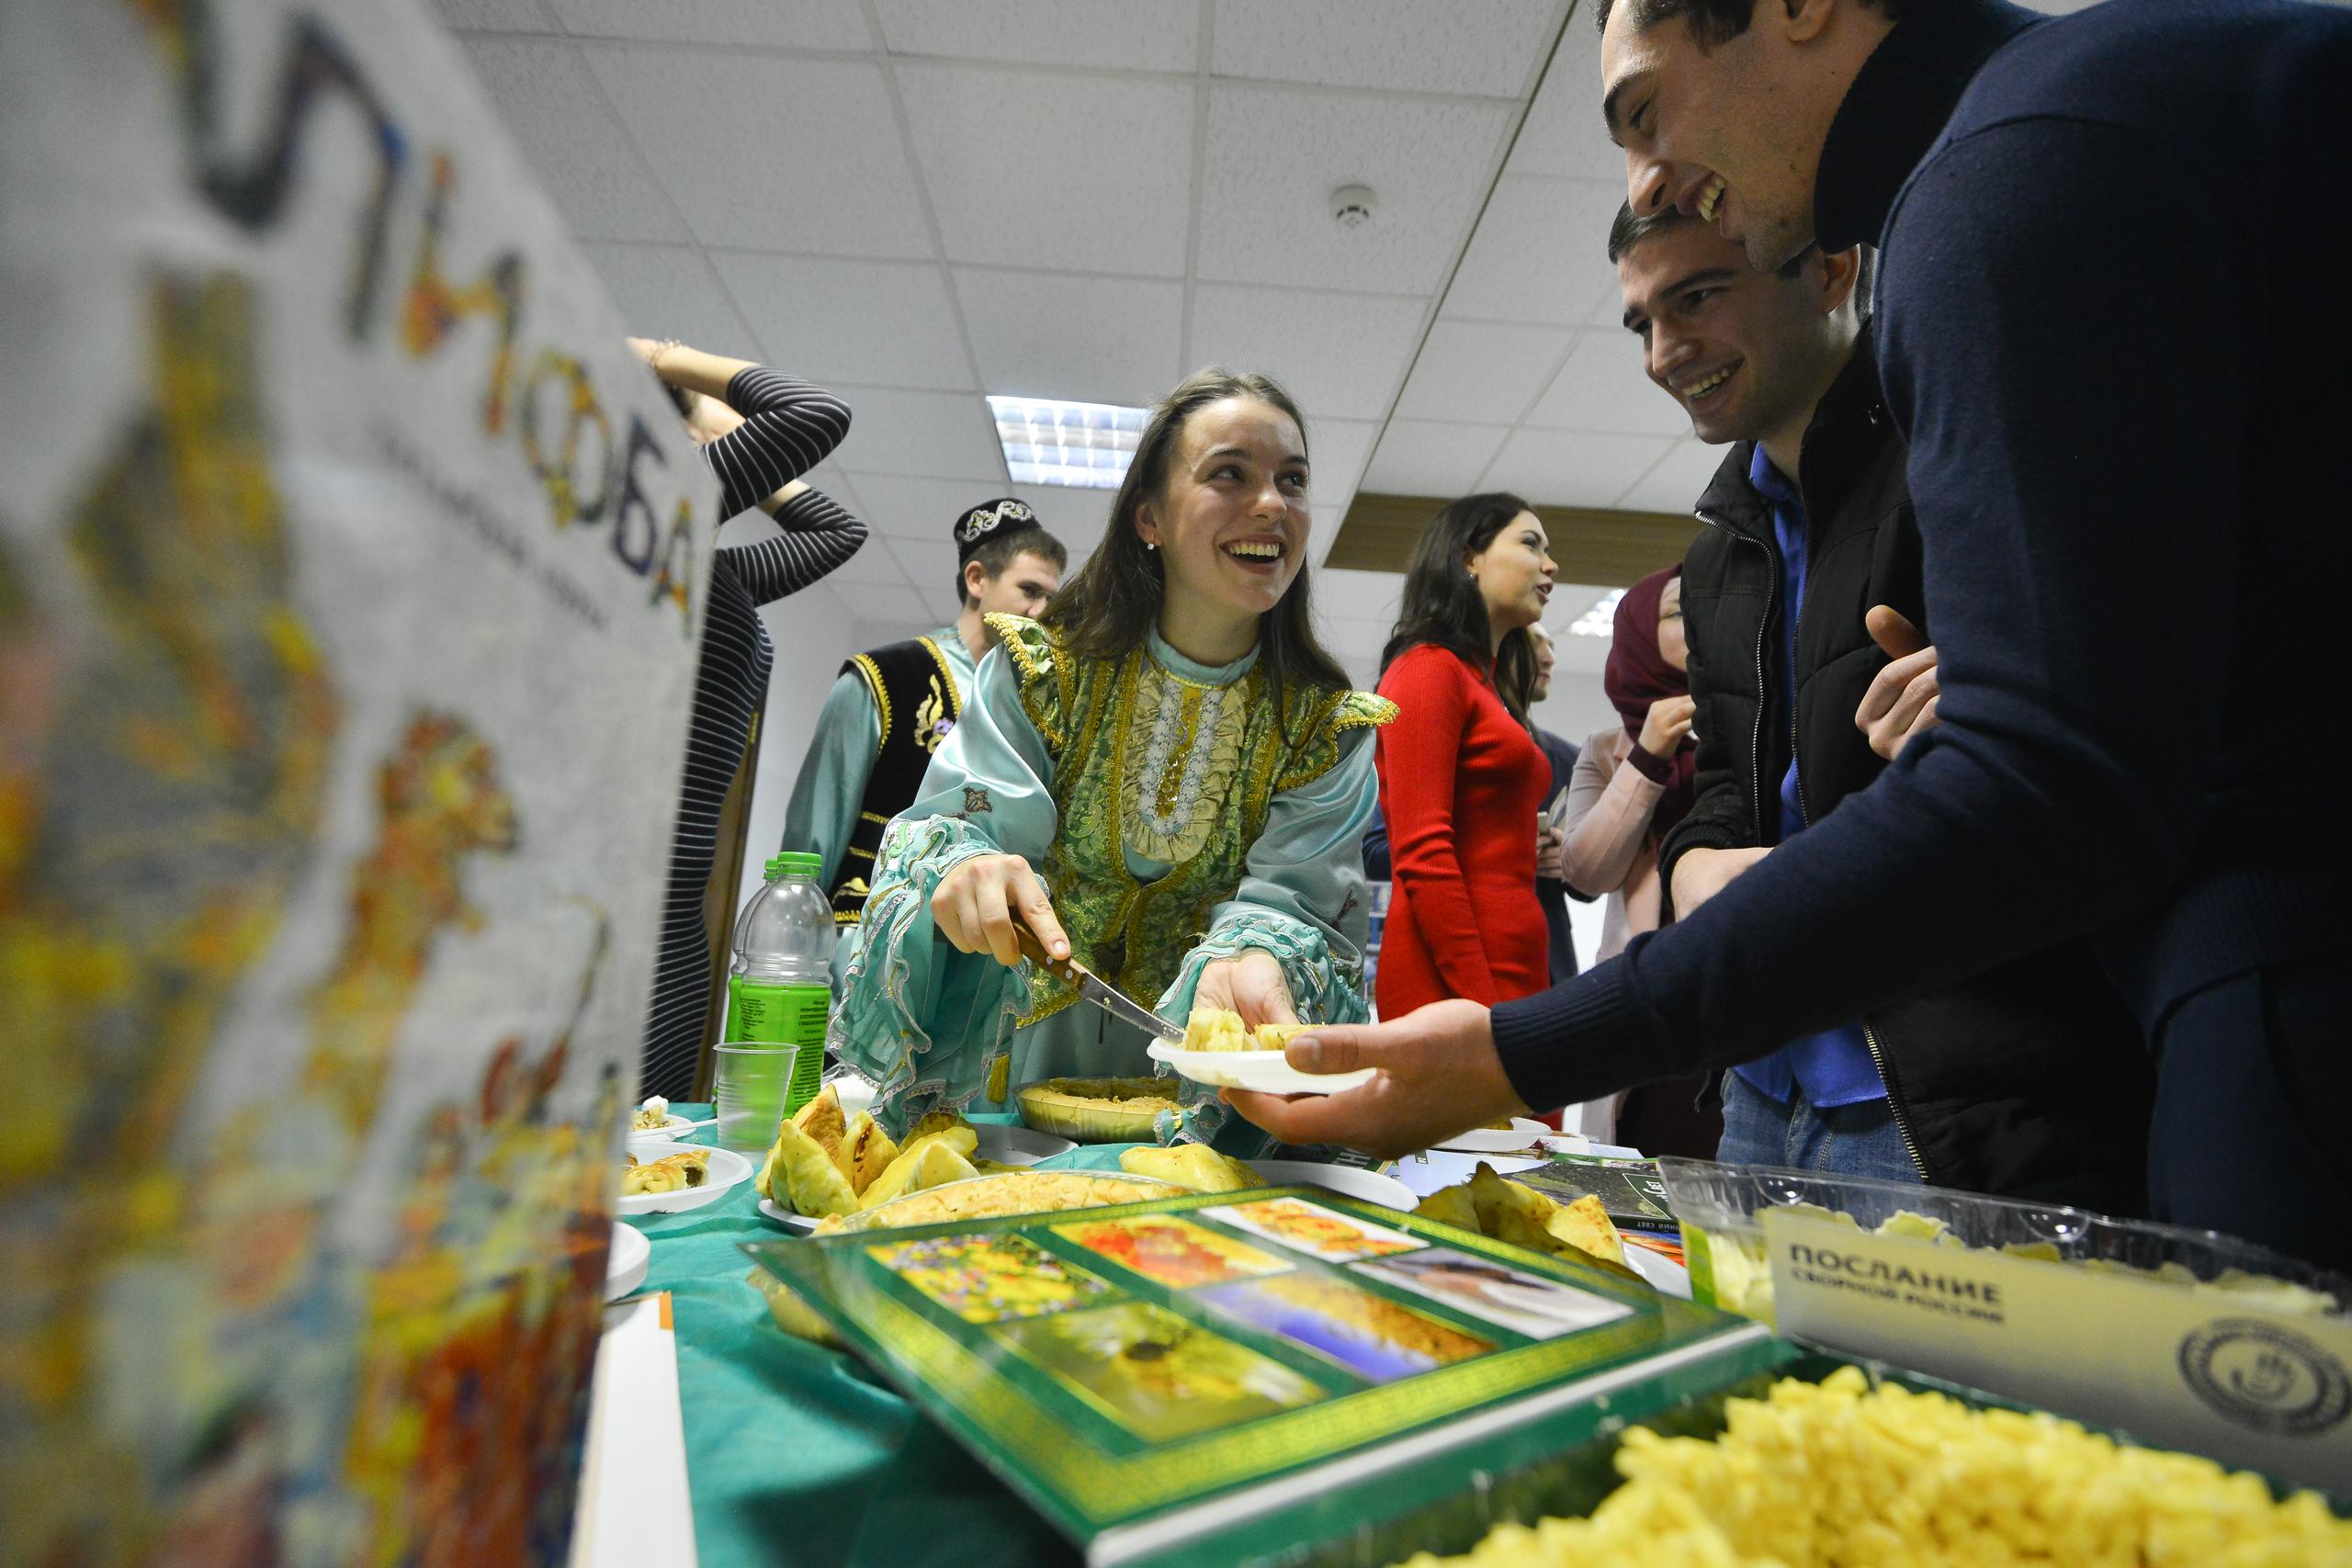 Молодежная палата Михайлова-Ярцевского проведет фестиваль «Дружбы народов»